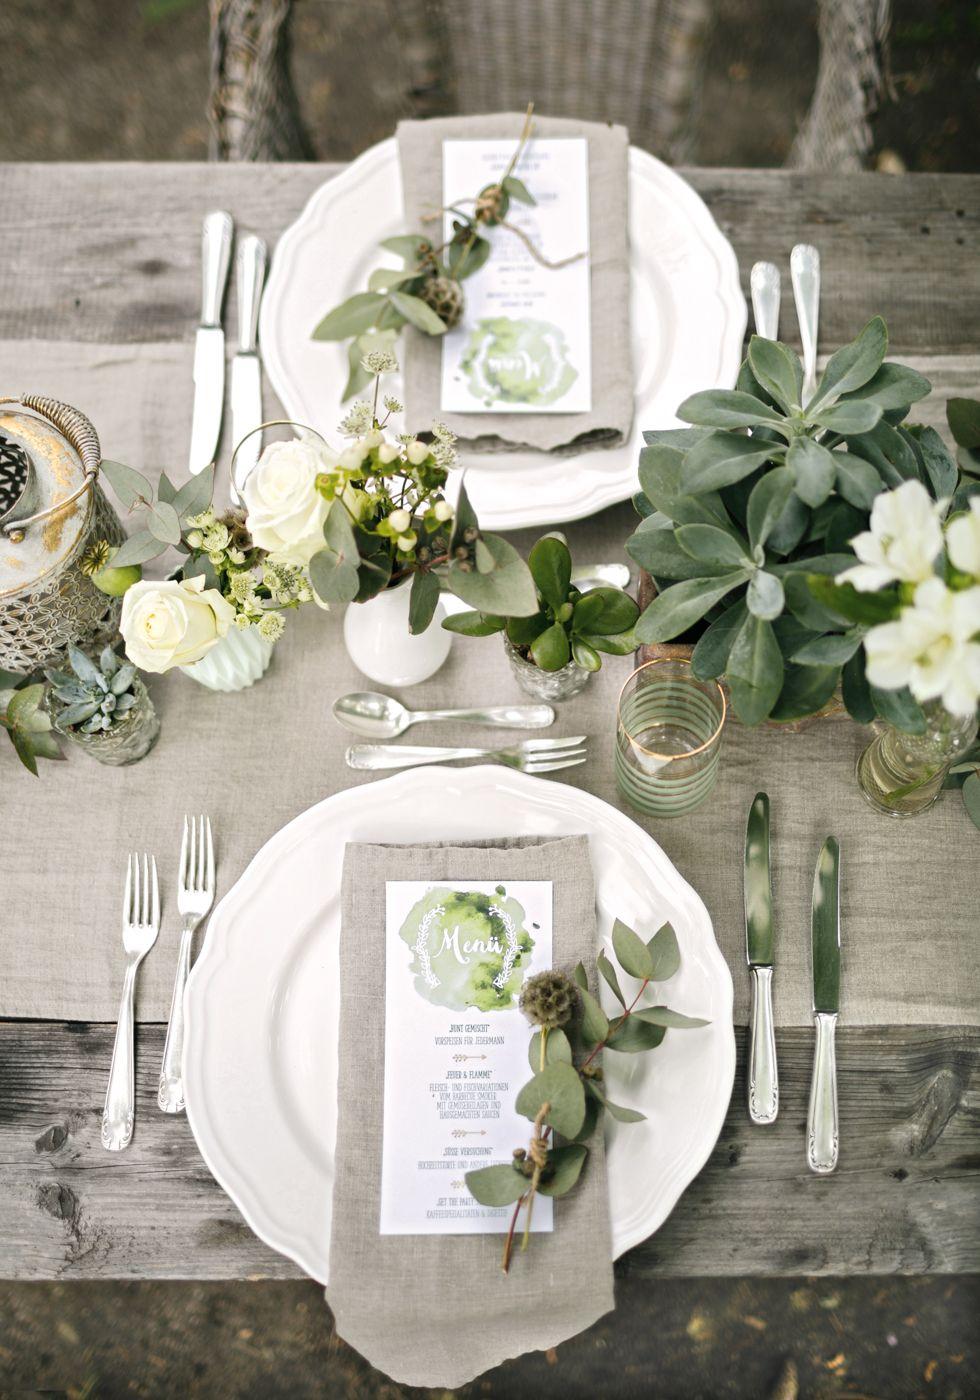 Hochzeitskonzept Vintage Hochzeit Mit Greenery Elementen Vintage Hochzeit Hochzeit Deko Tisch Tischdeko Hochzeit Vintage